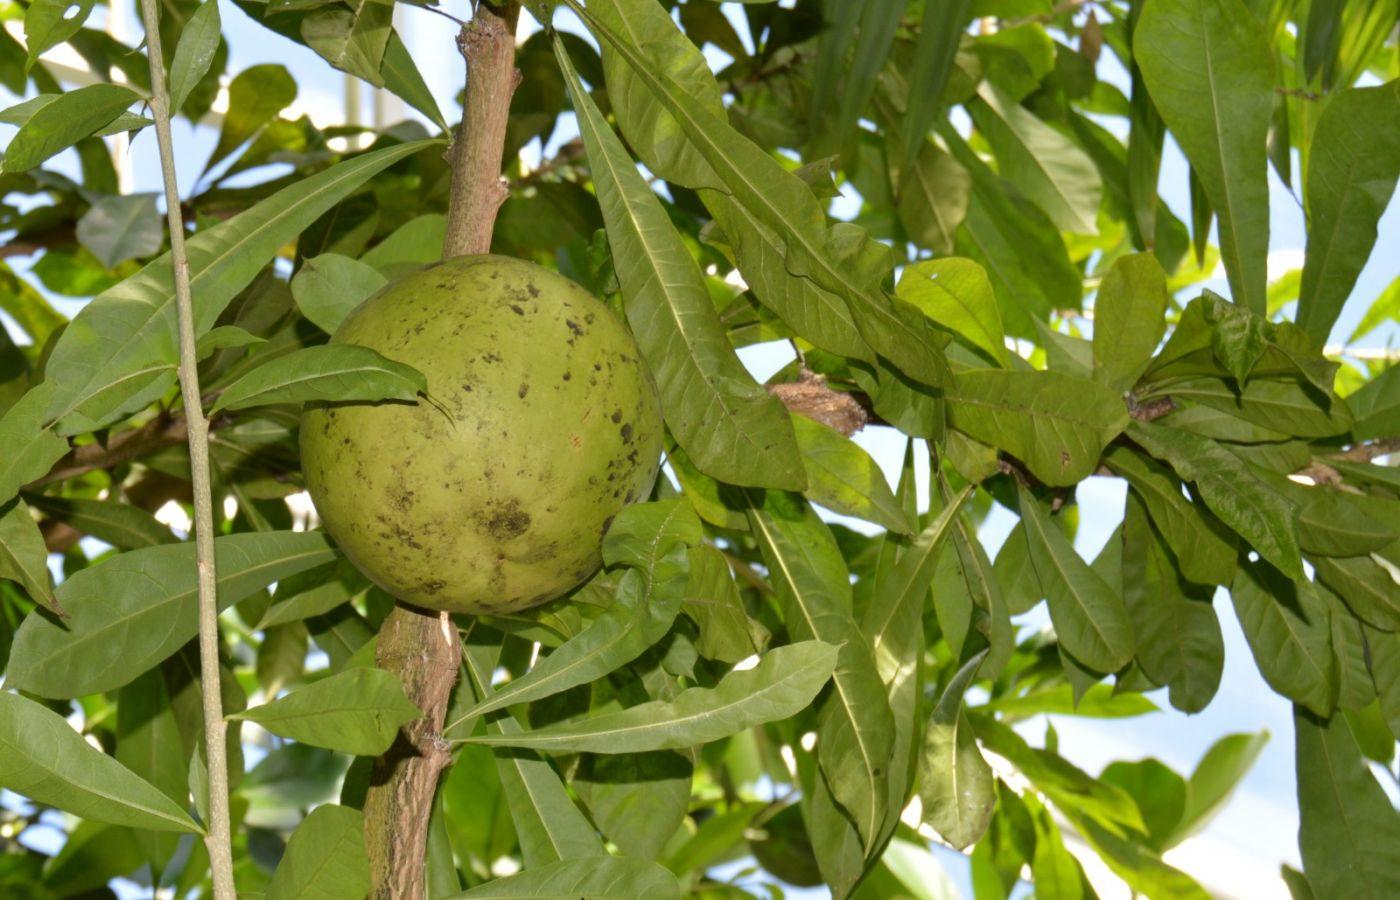 西瓜长在树上_图1-19